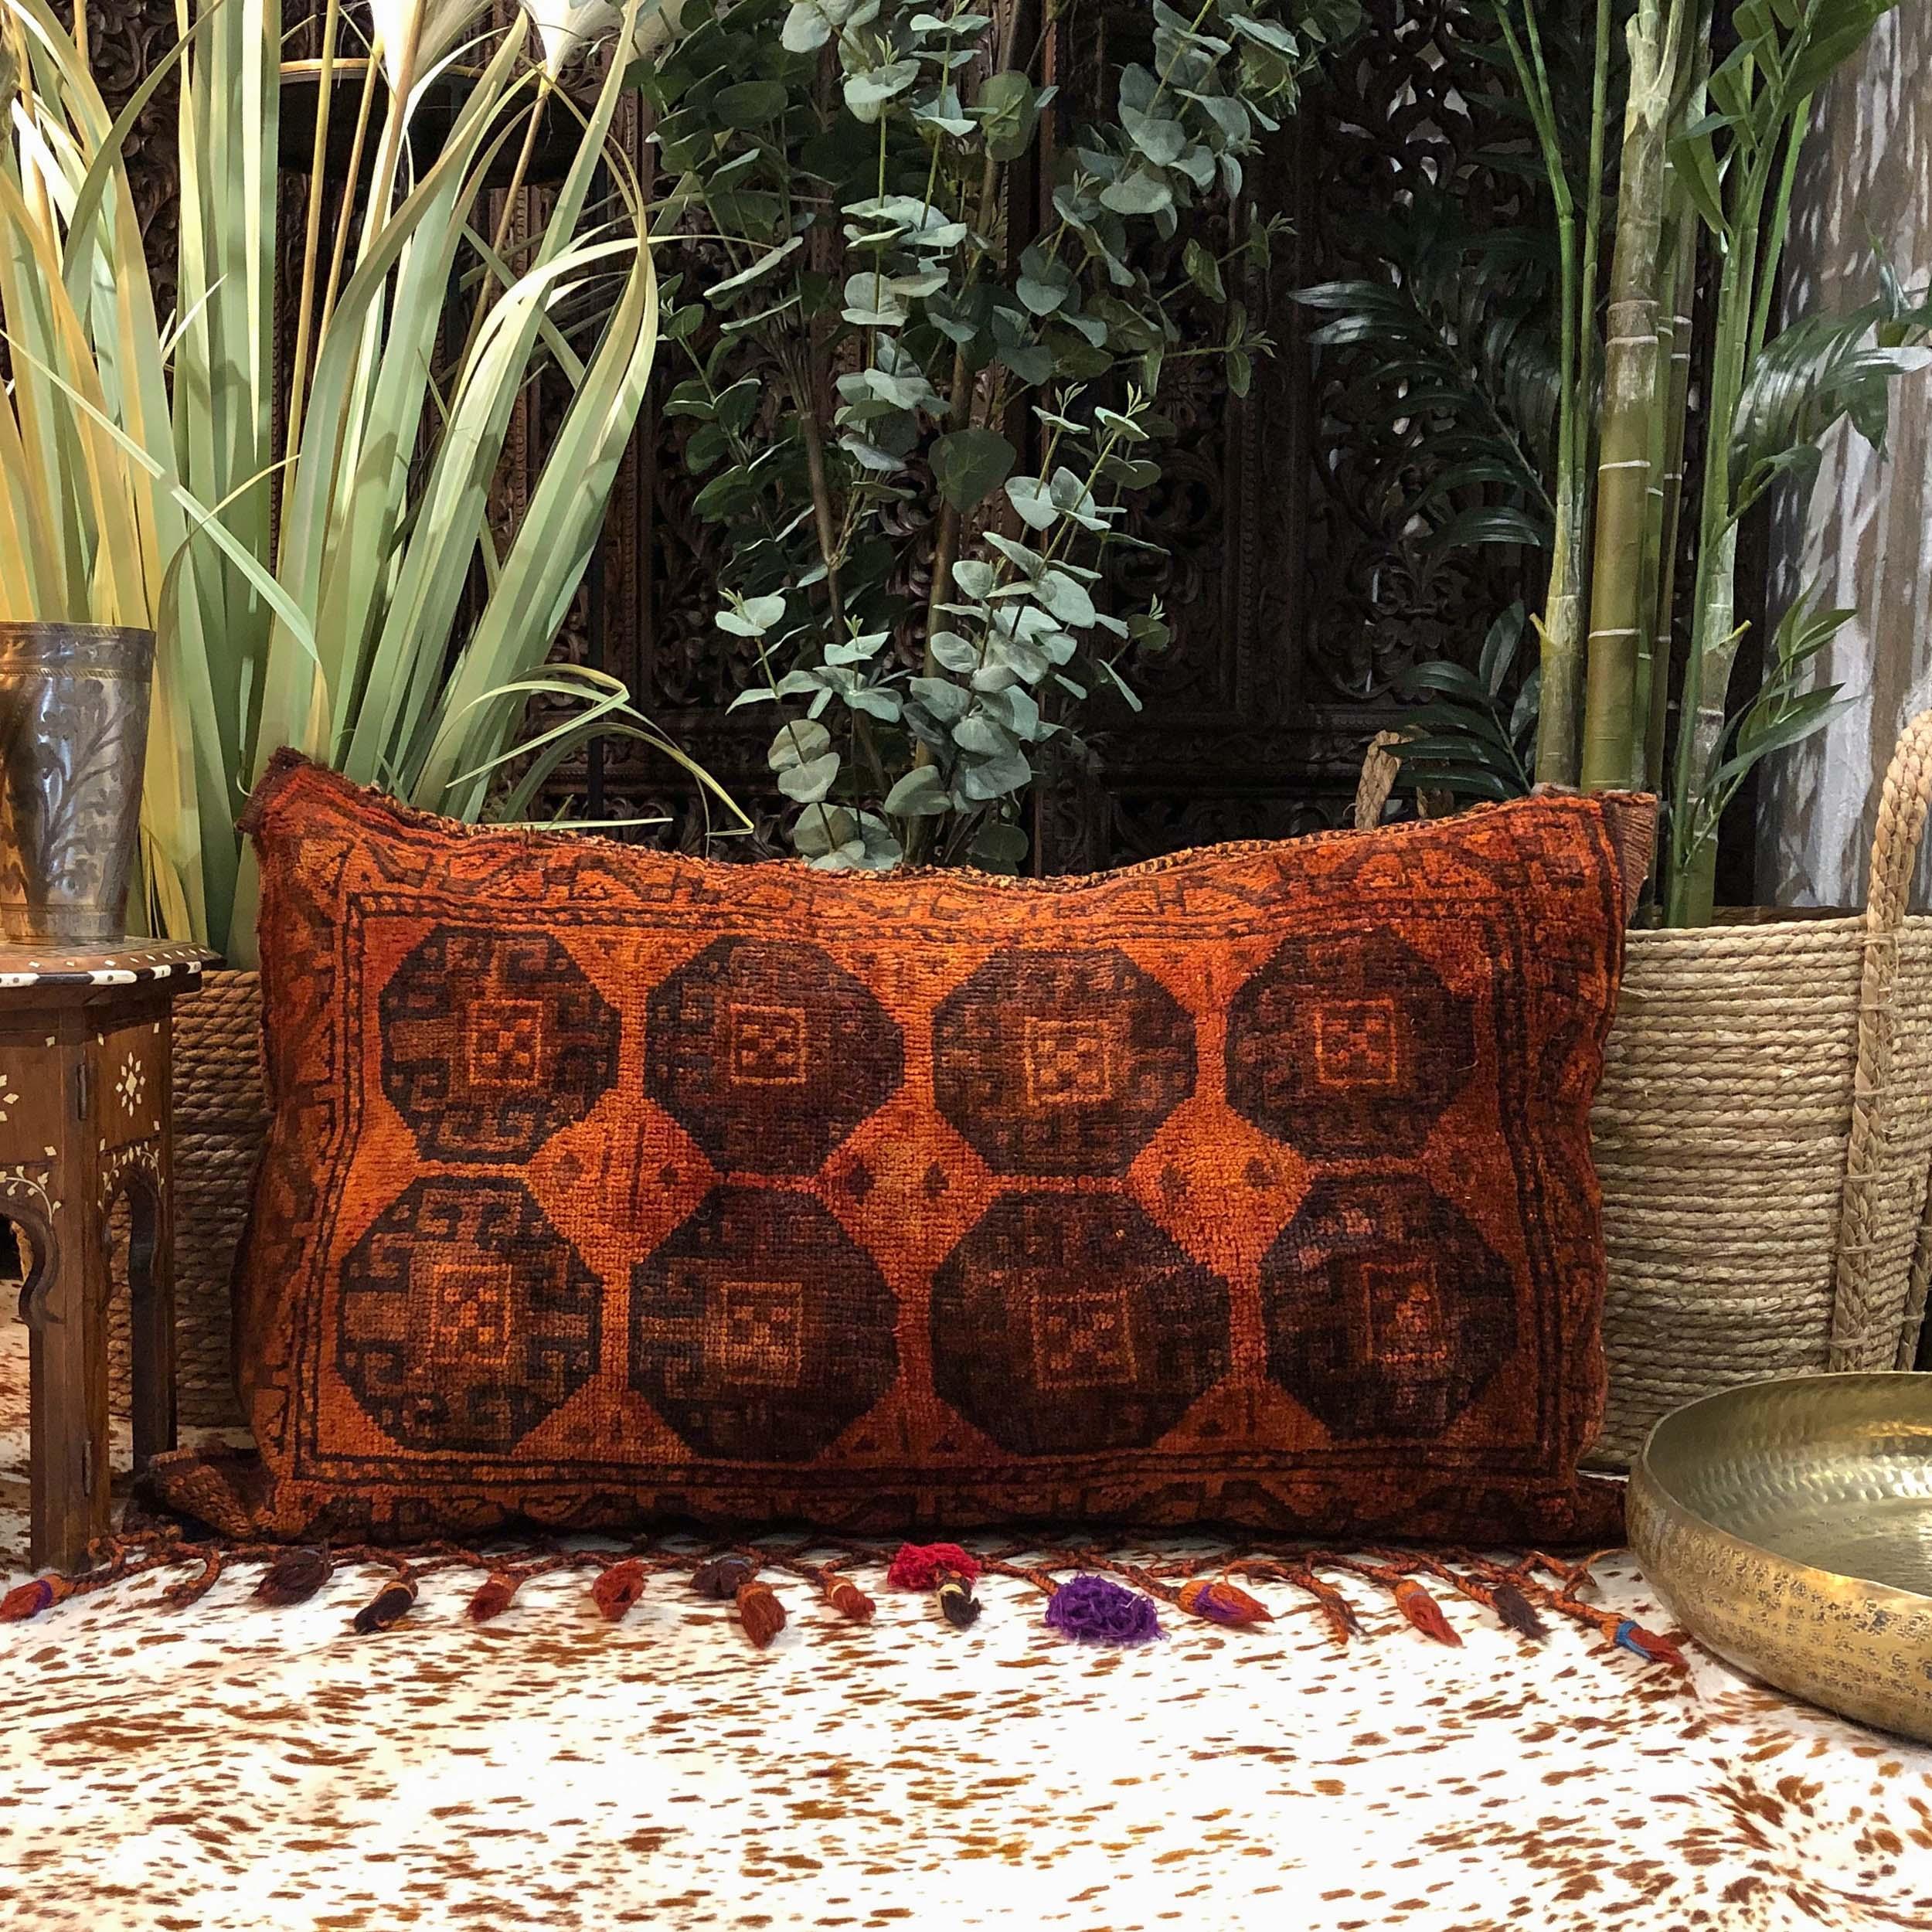 Nomad Floor Cushion in Burnt Orange